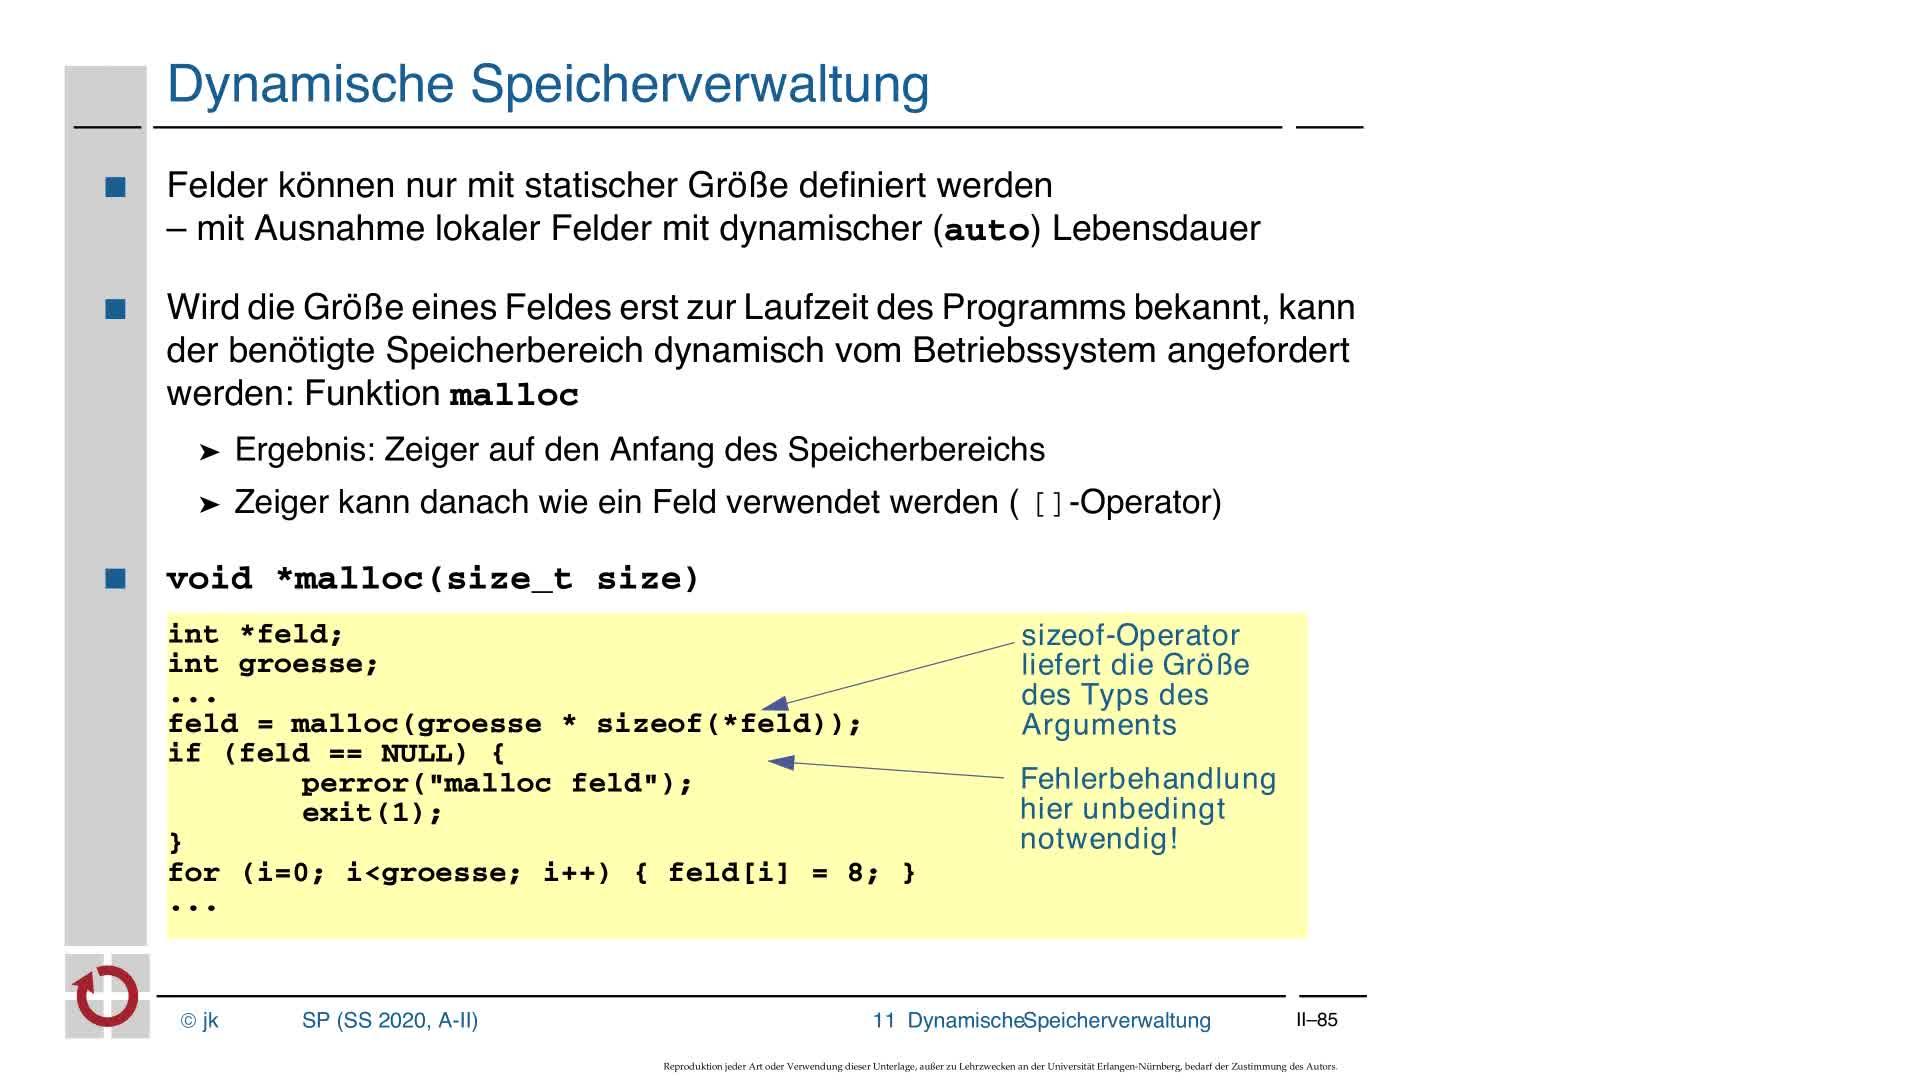 2.4.2 C-Kurzeinführung: Dynamische Speicherverwaltung, sizeof-Operator, Cast-Operator preview image